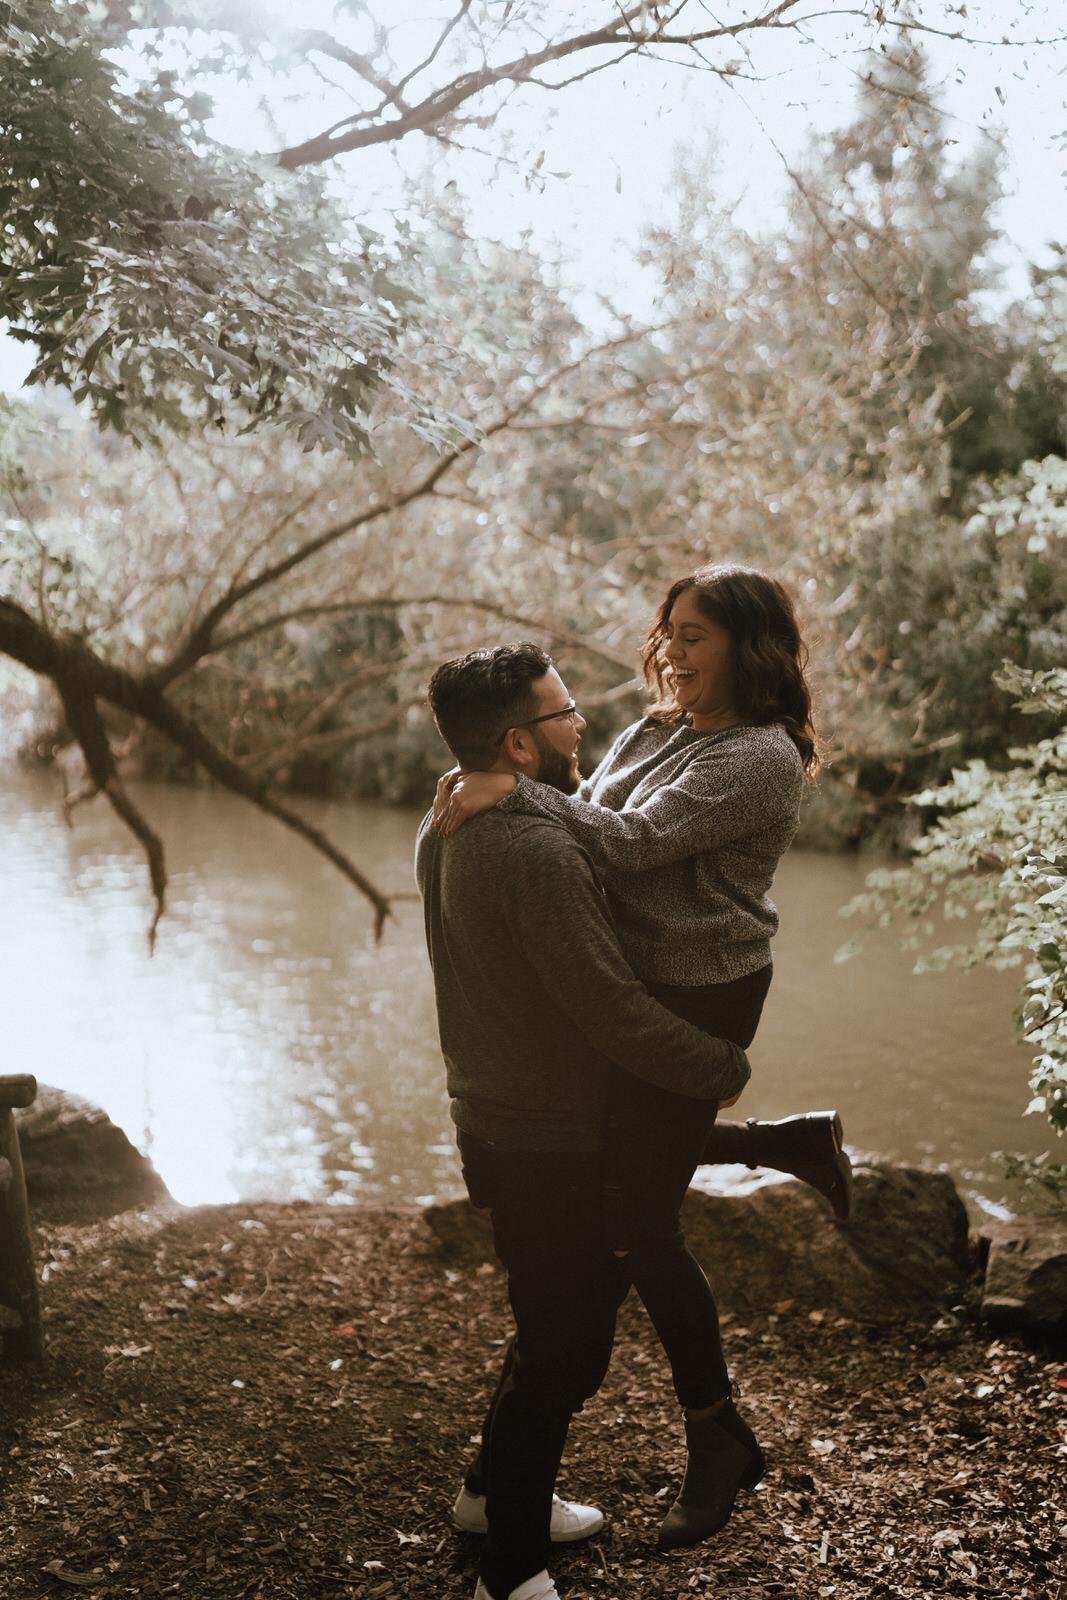 Central Park Engagement Photos-Bow Bridge-Michelle Gonzalez Photography-Alyssa and Cecilio-77.JPG